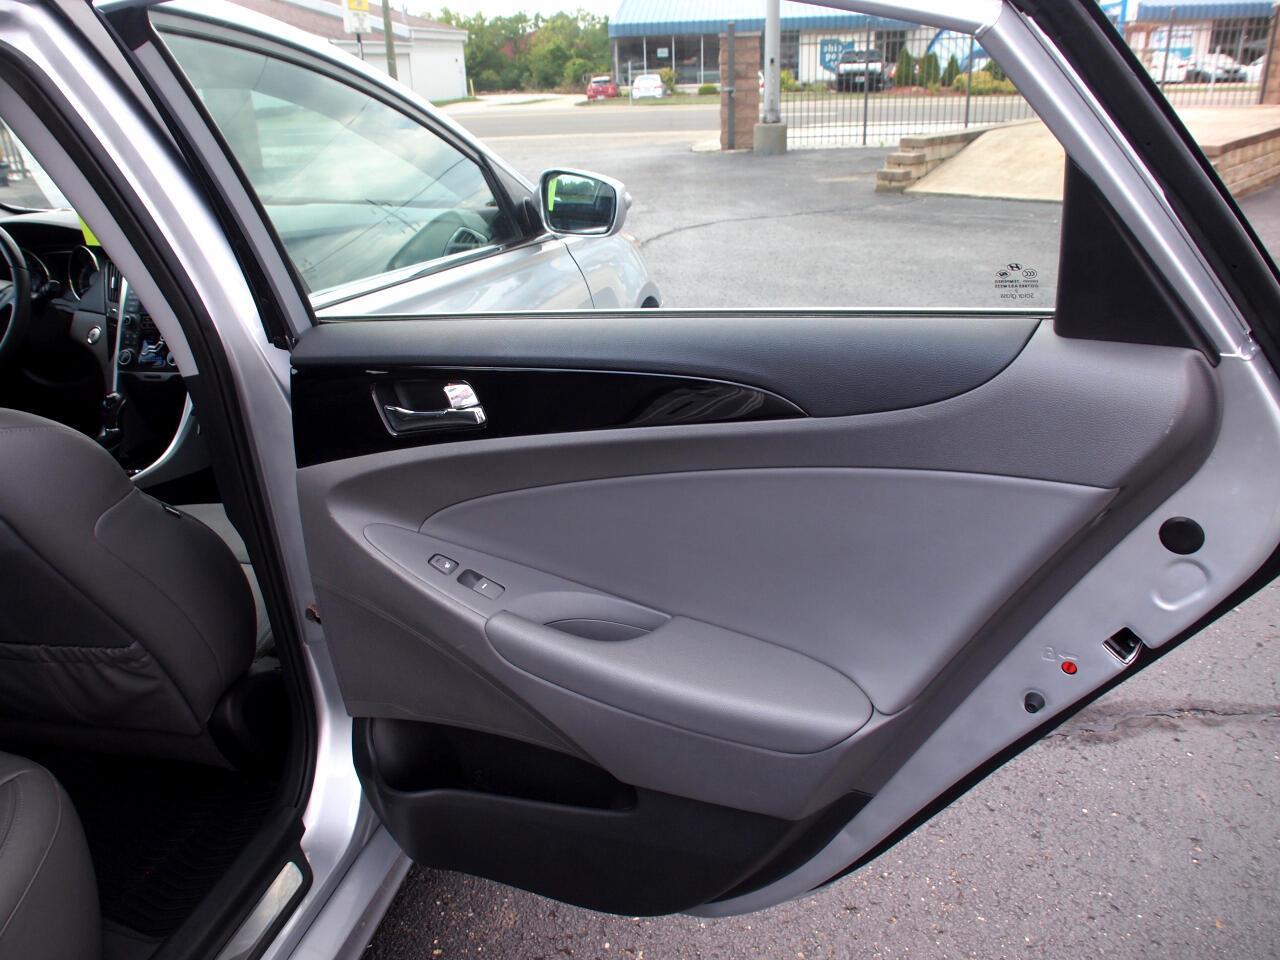 2013 Hyundai Sonata (CC-1384982) for sale in North Canton, Ohio